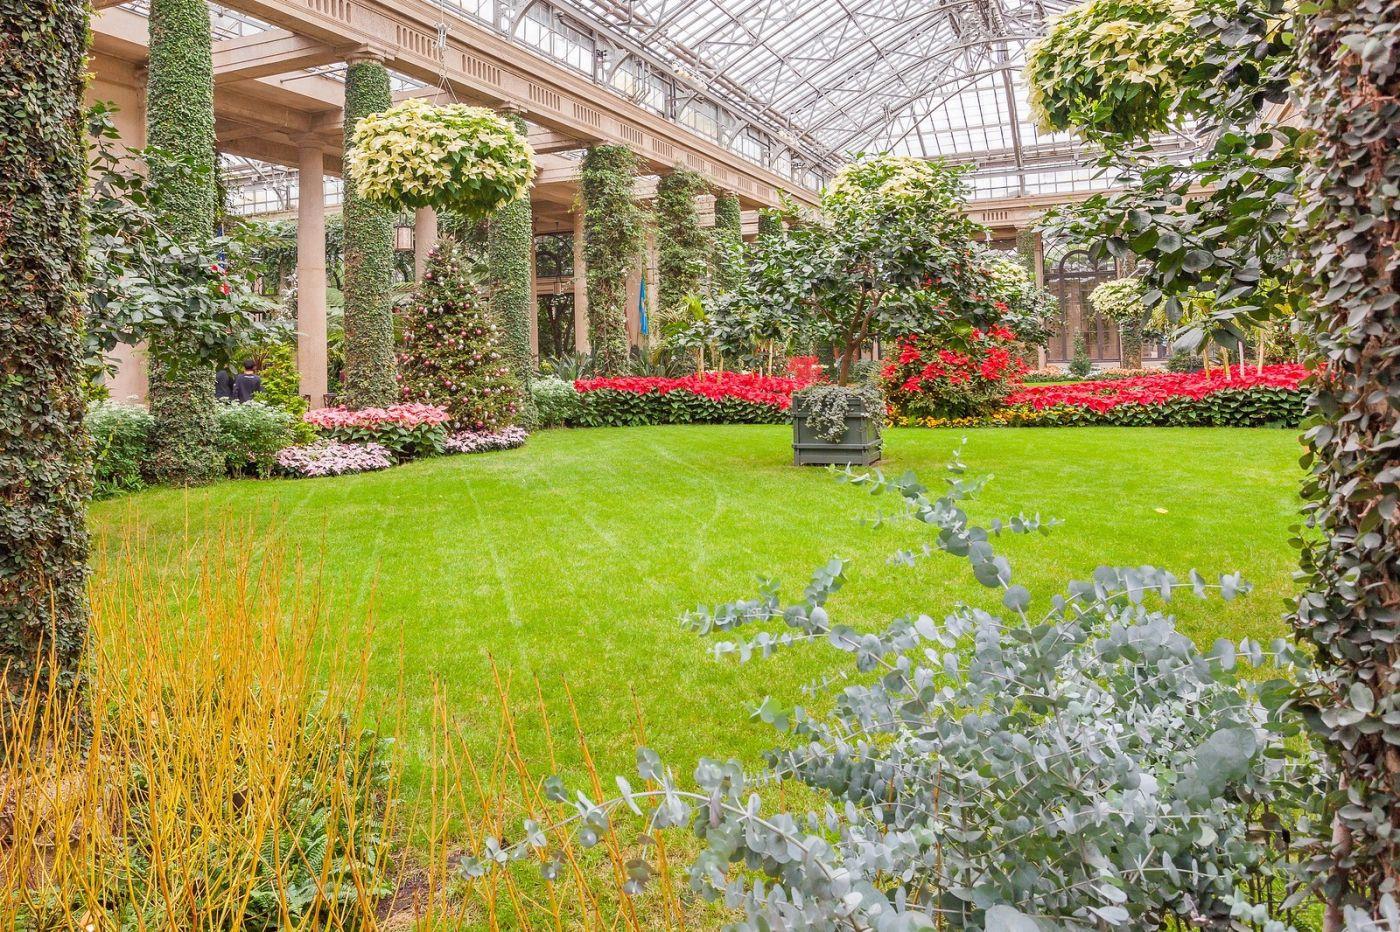 宾州长木公园,室内花园美如画_图1-20